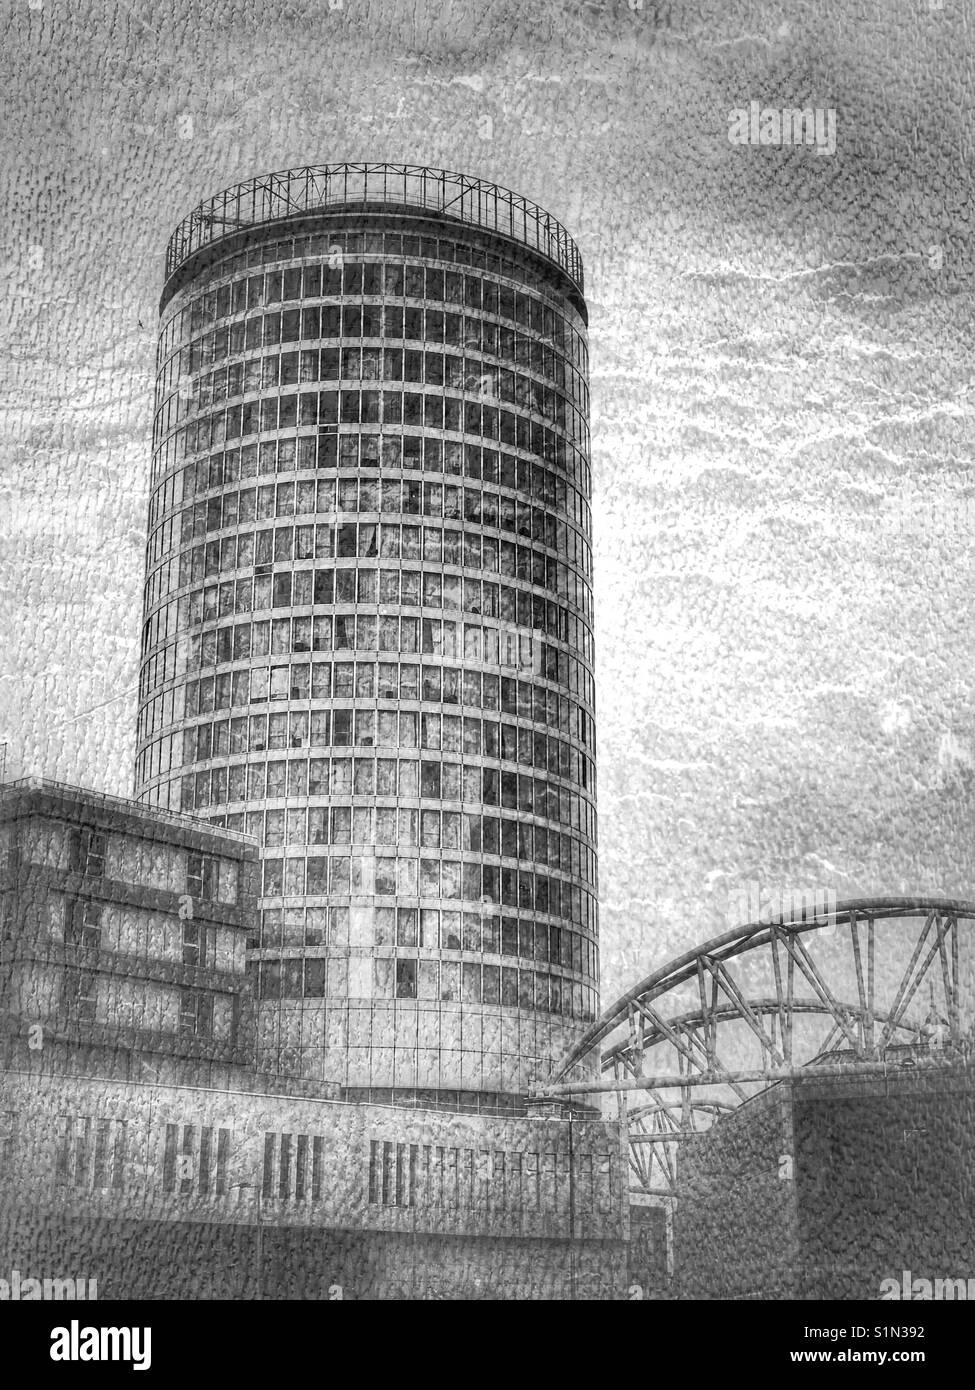 Das Wahrzeichen Rotunde Gebäude, Birmingham, Großbritannien Stockbild